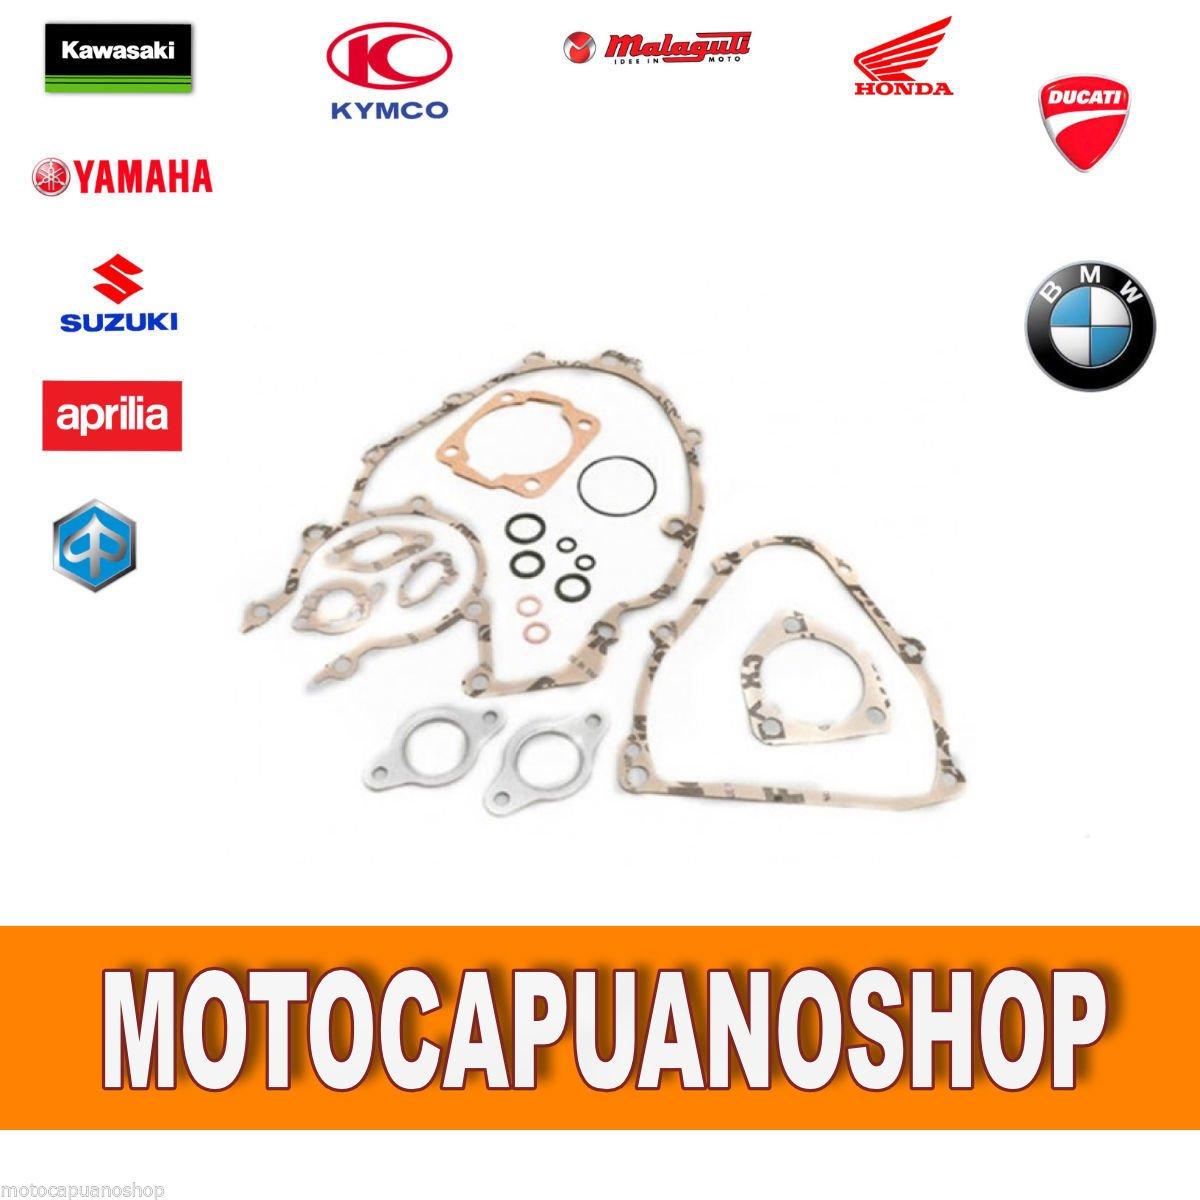 ORIGINALE PIAGGIO GUARNIZIONI MOTORE VESPA 125 ET3 - PRIMAVERA ET3 MotoCapuano 351541394351